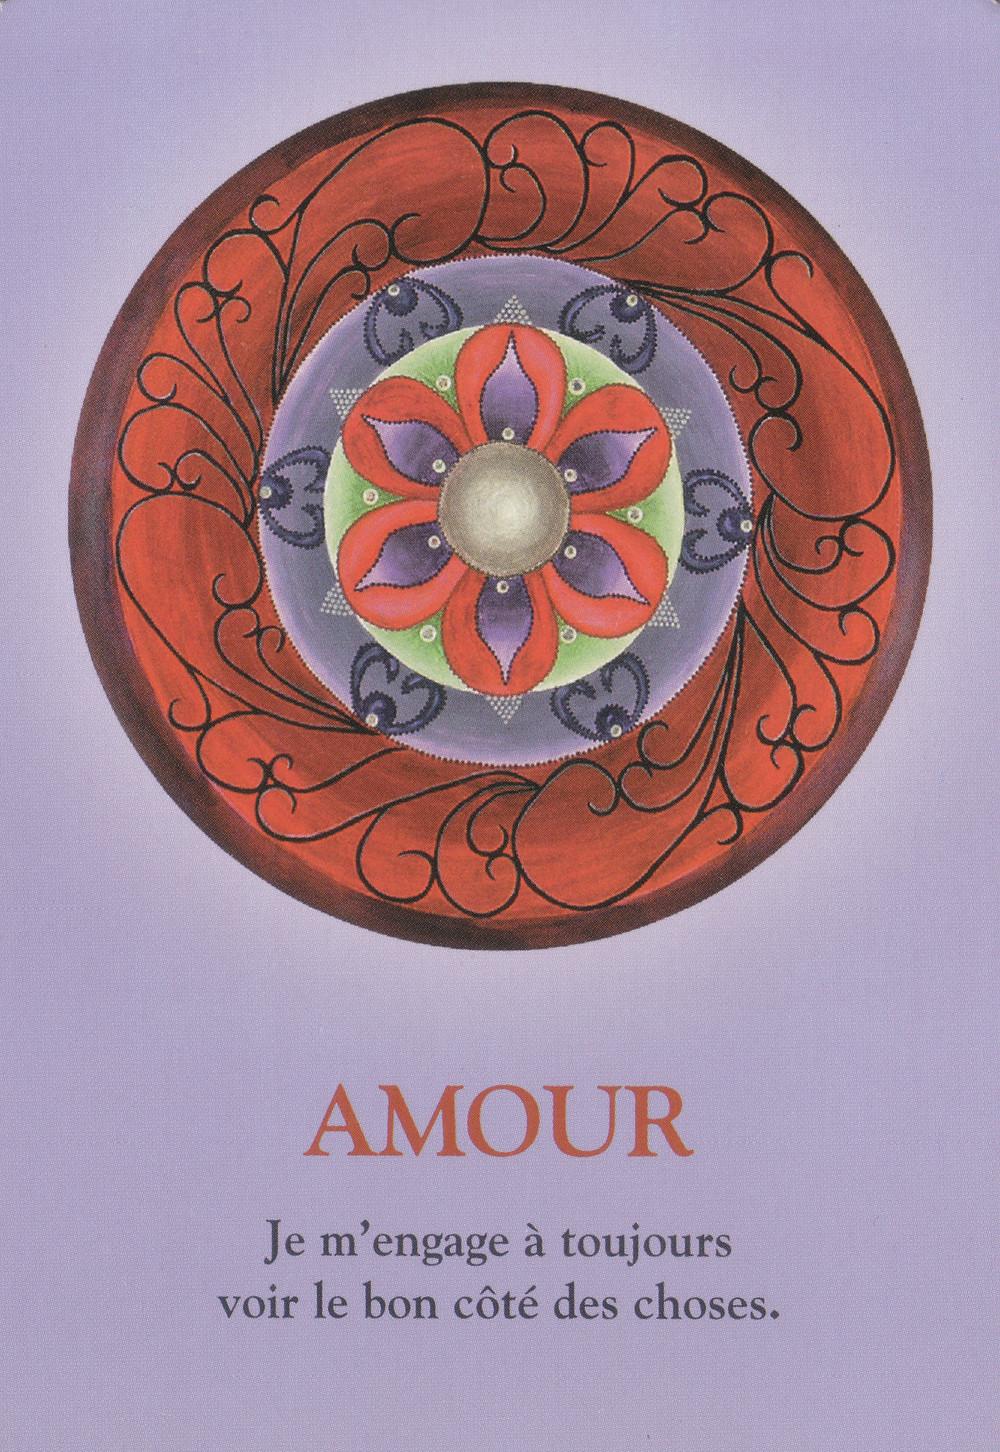 Carte de L'Oracle Le Cheminement de l'Âme, de James Van Praagh - Amour - Energies du weekend du 1-2-3 mai 2020 : Guérison du Cœur en cours... Patience et Amour !